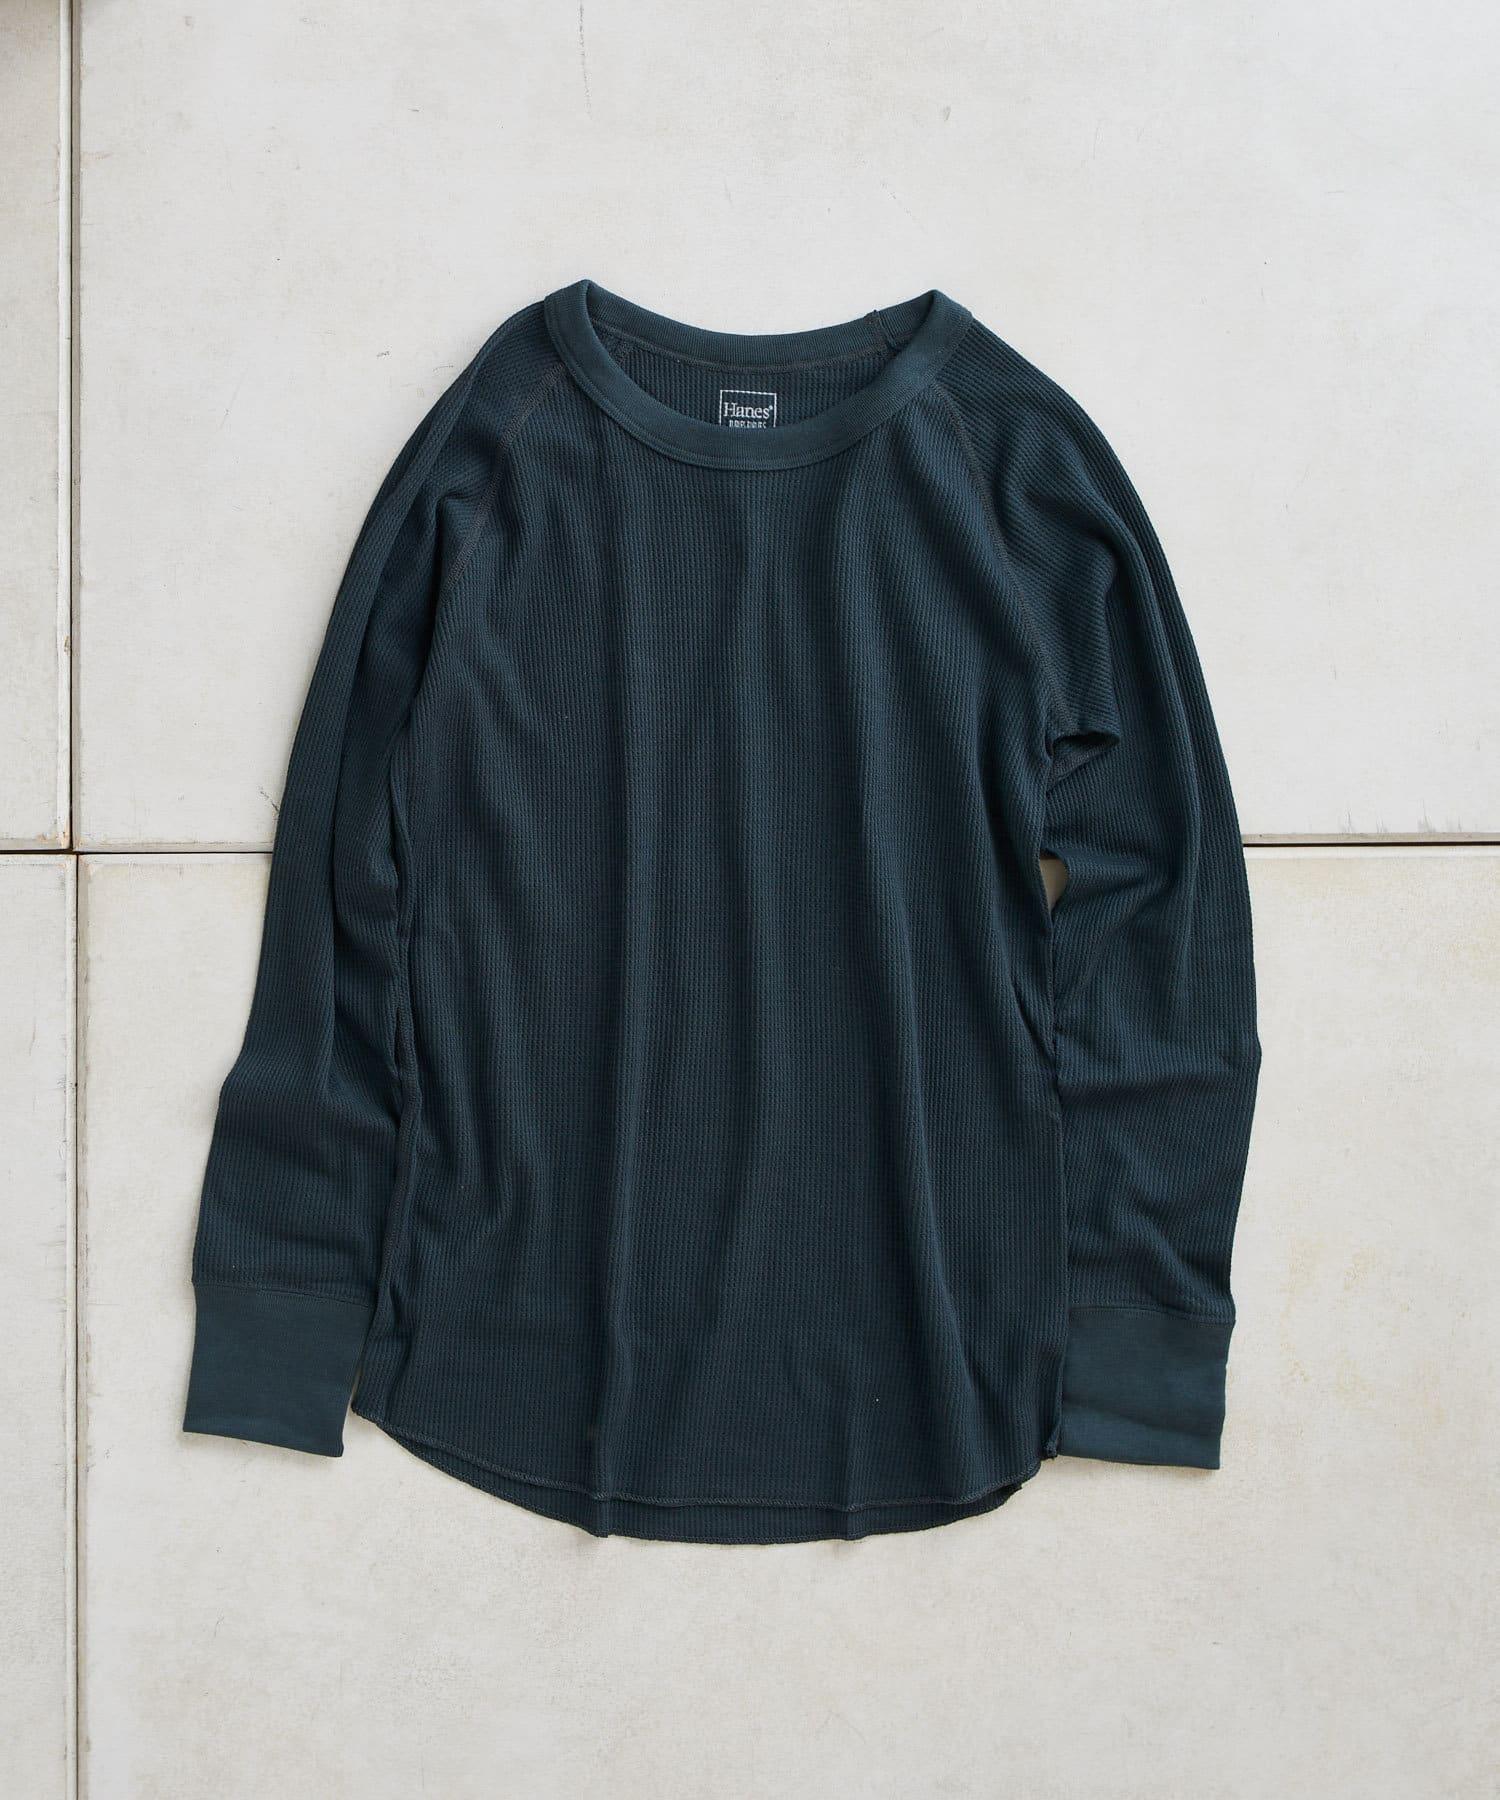 TERRITOIRE(テリトワール) 【Hanes/ヘインズ】サーマルクルーロングTシャツ